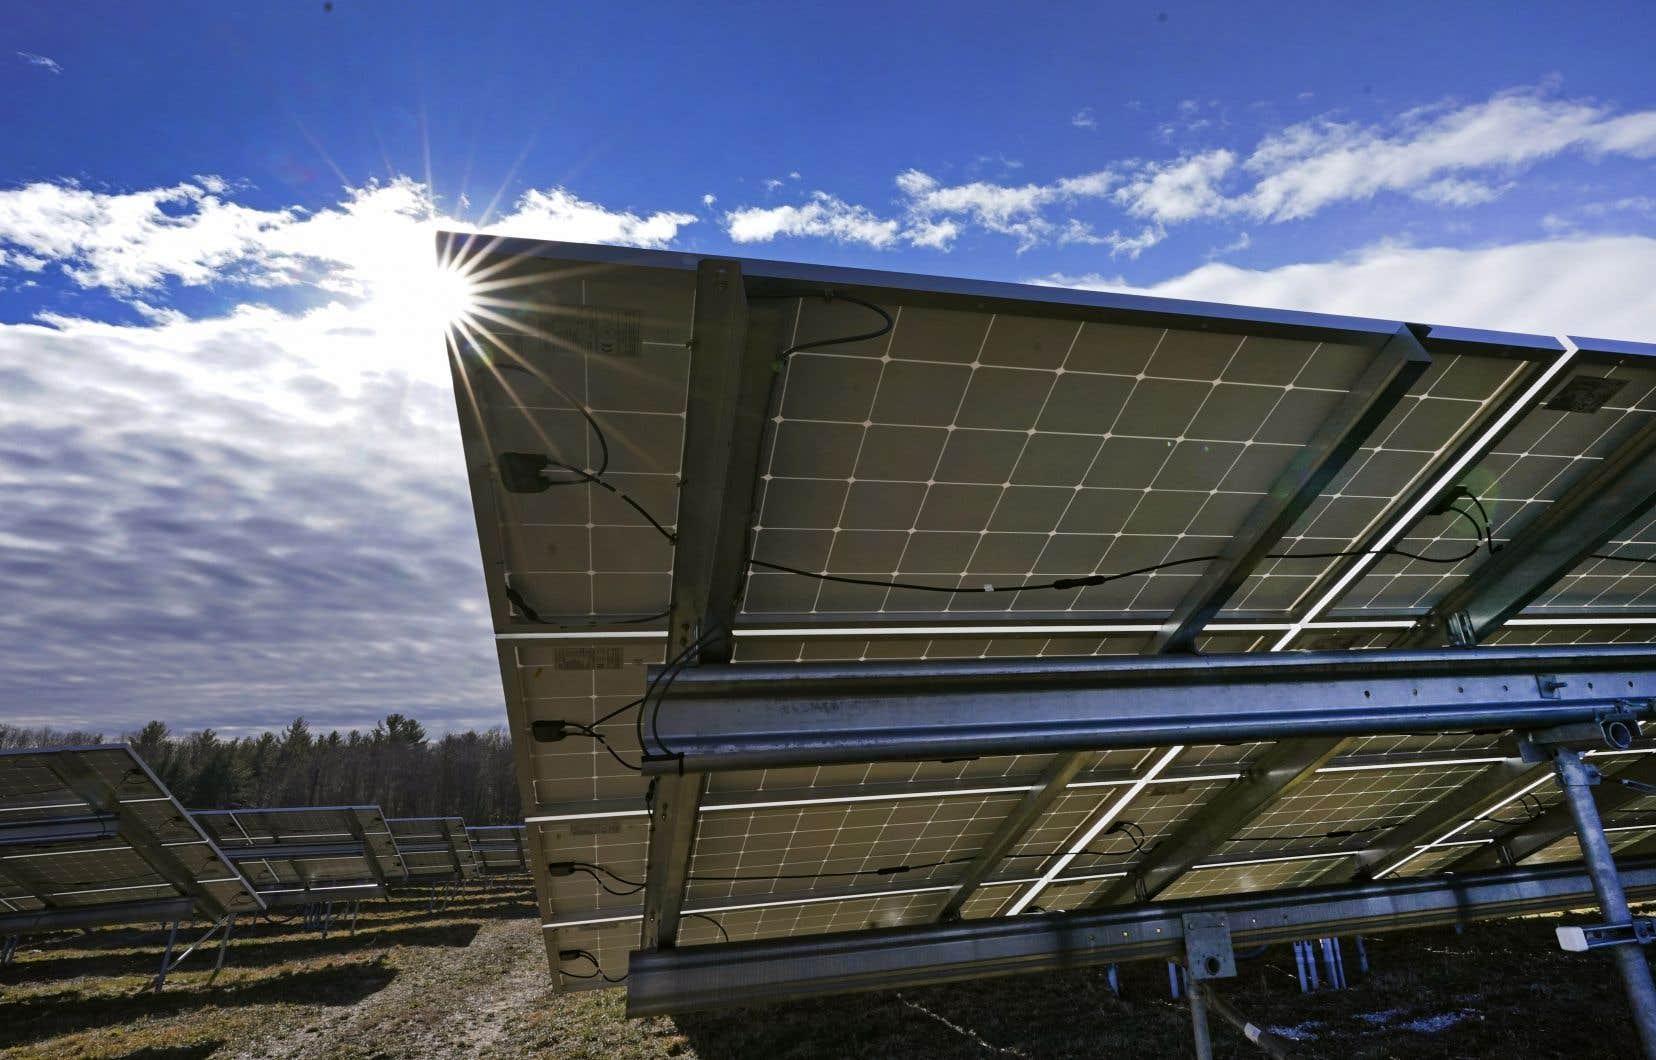 Le Canada ambitionne d'accomplir une transition vers une économie zéro émission pour 2050.